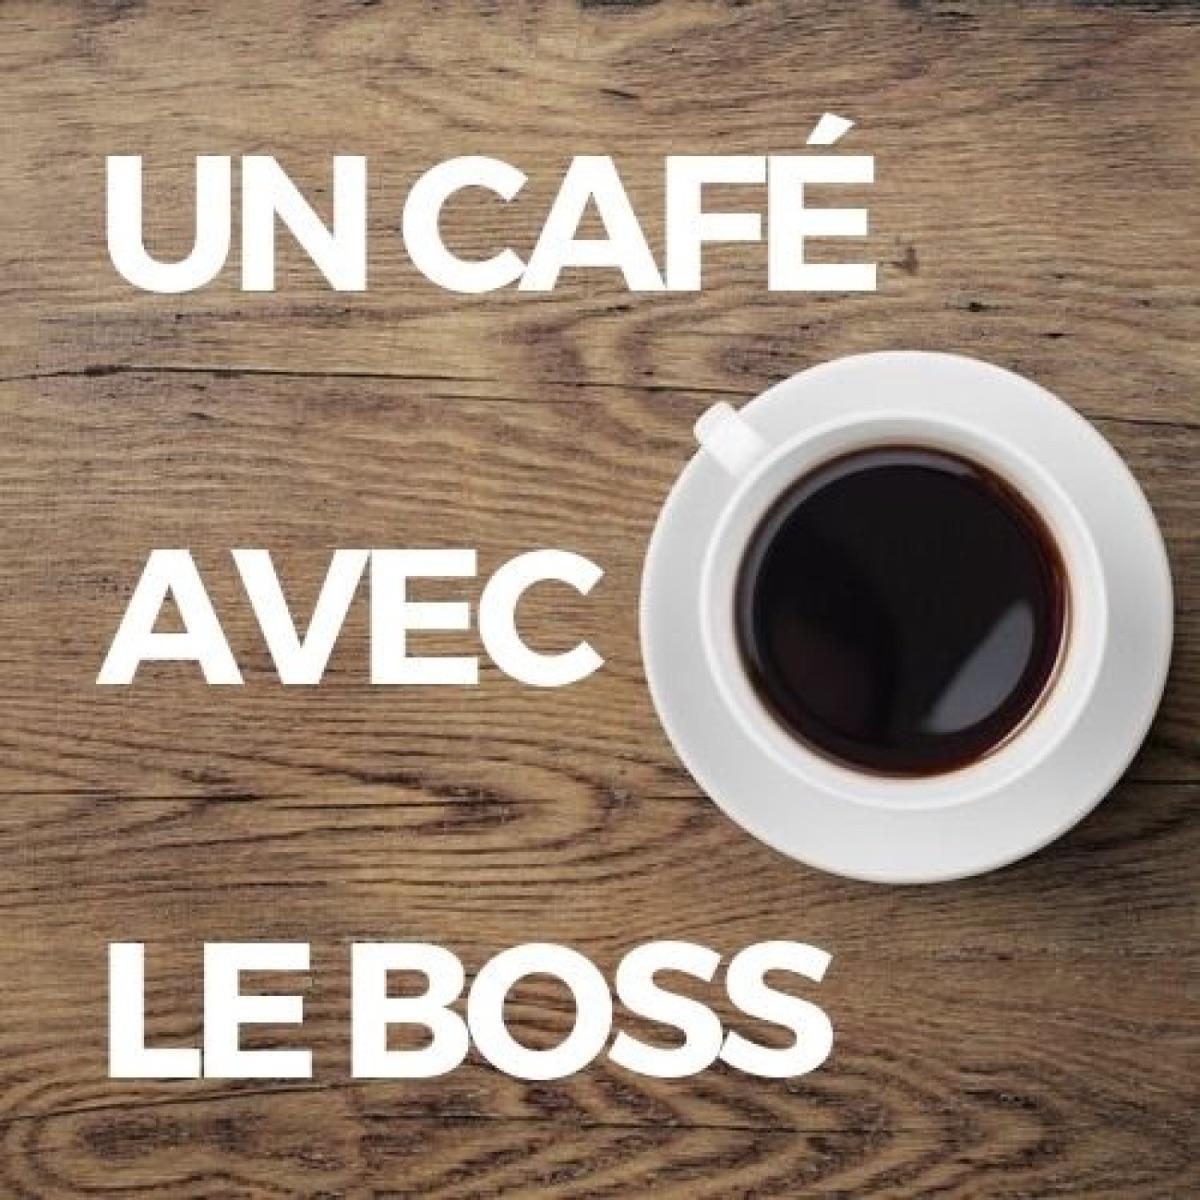 Un café avec le boss